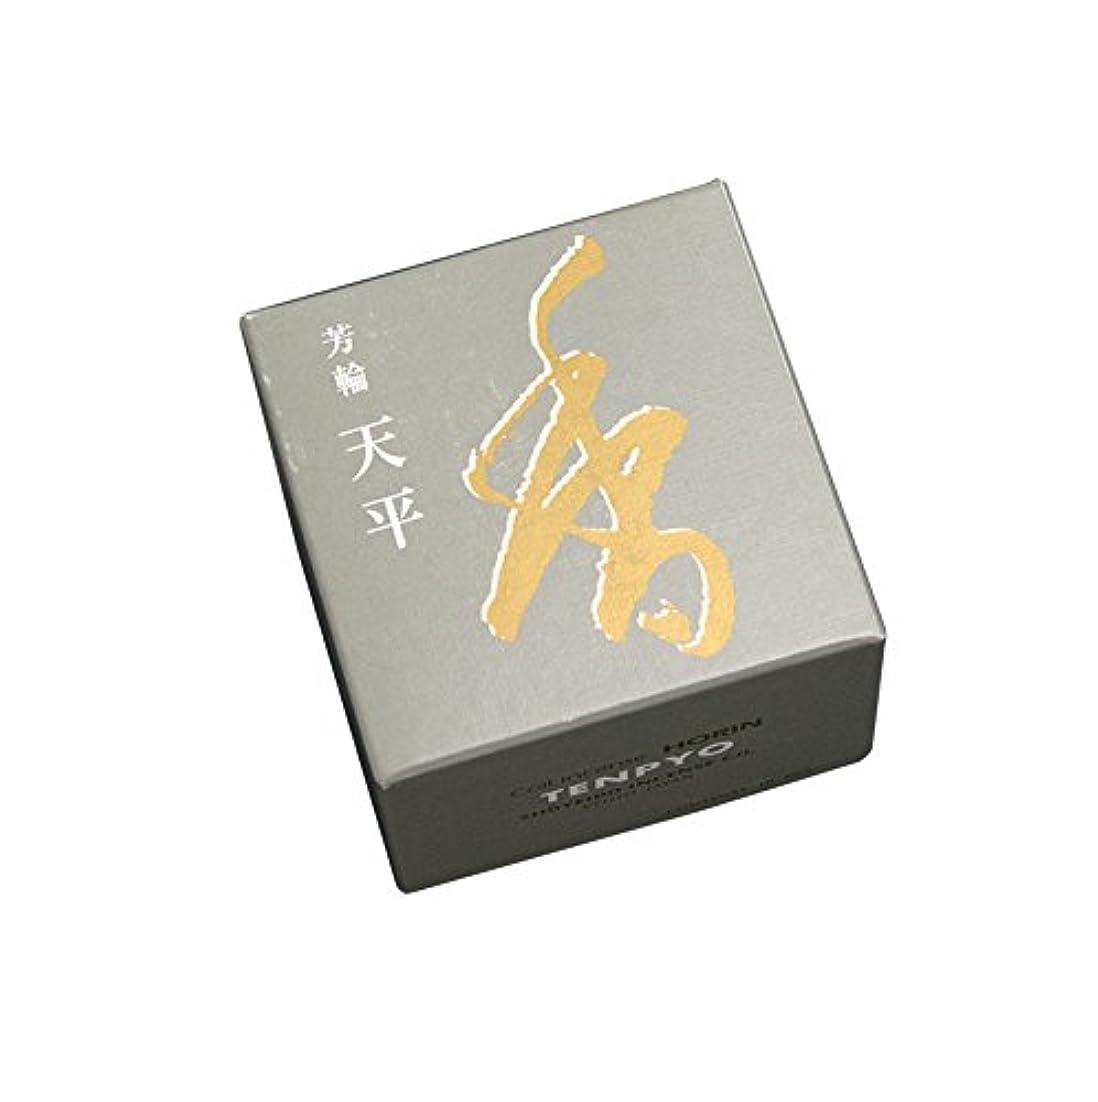 によると外交官仲良し松栄堂のお香 芳輪天平 渦巻型10枚入 うてな角型付 #210521